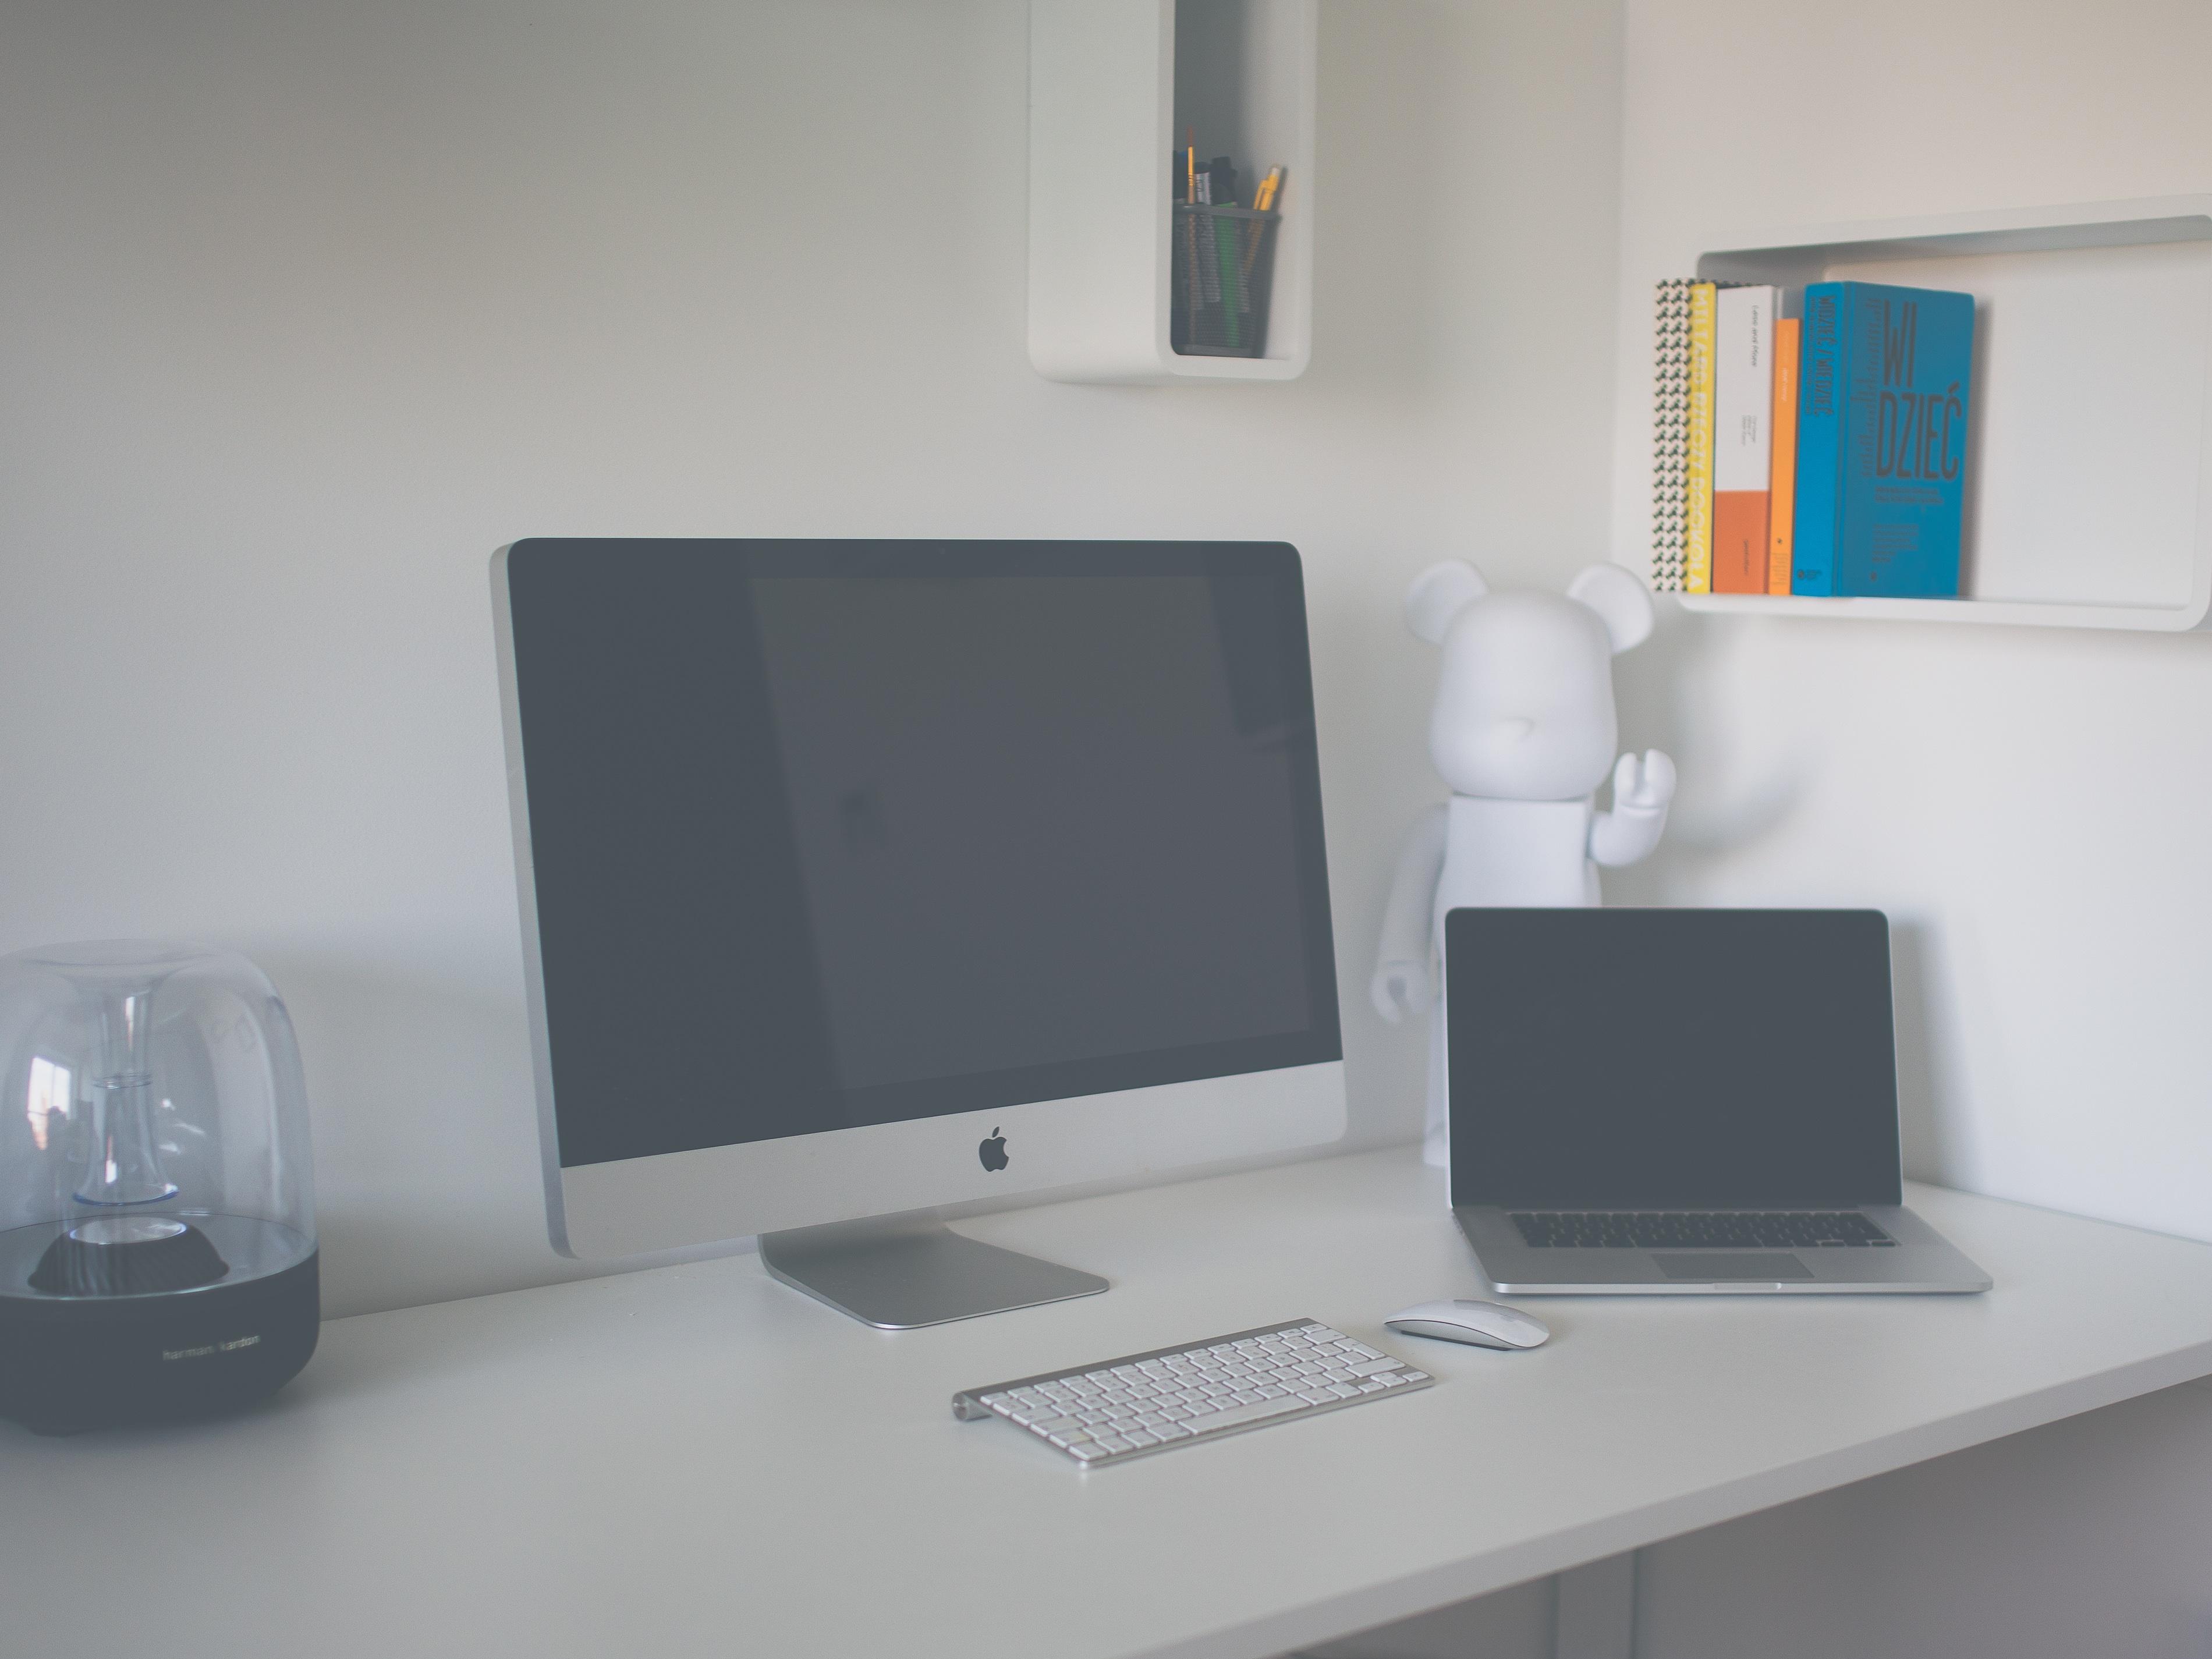 Gratis Afbeeldingen : laptop, bureau, technologie, kantoor, plank ...